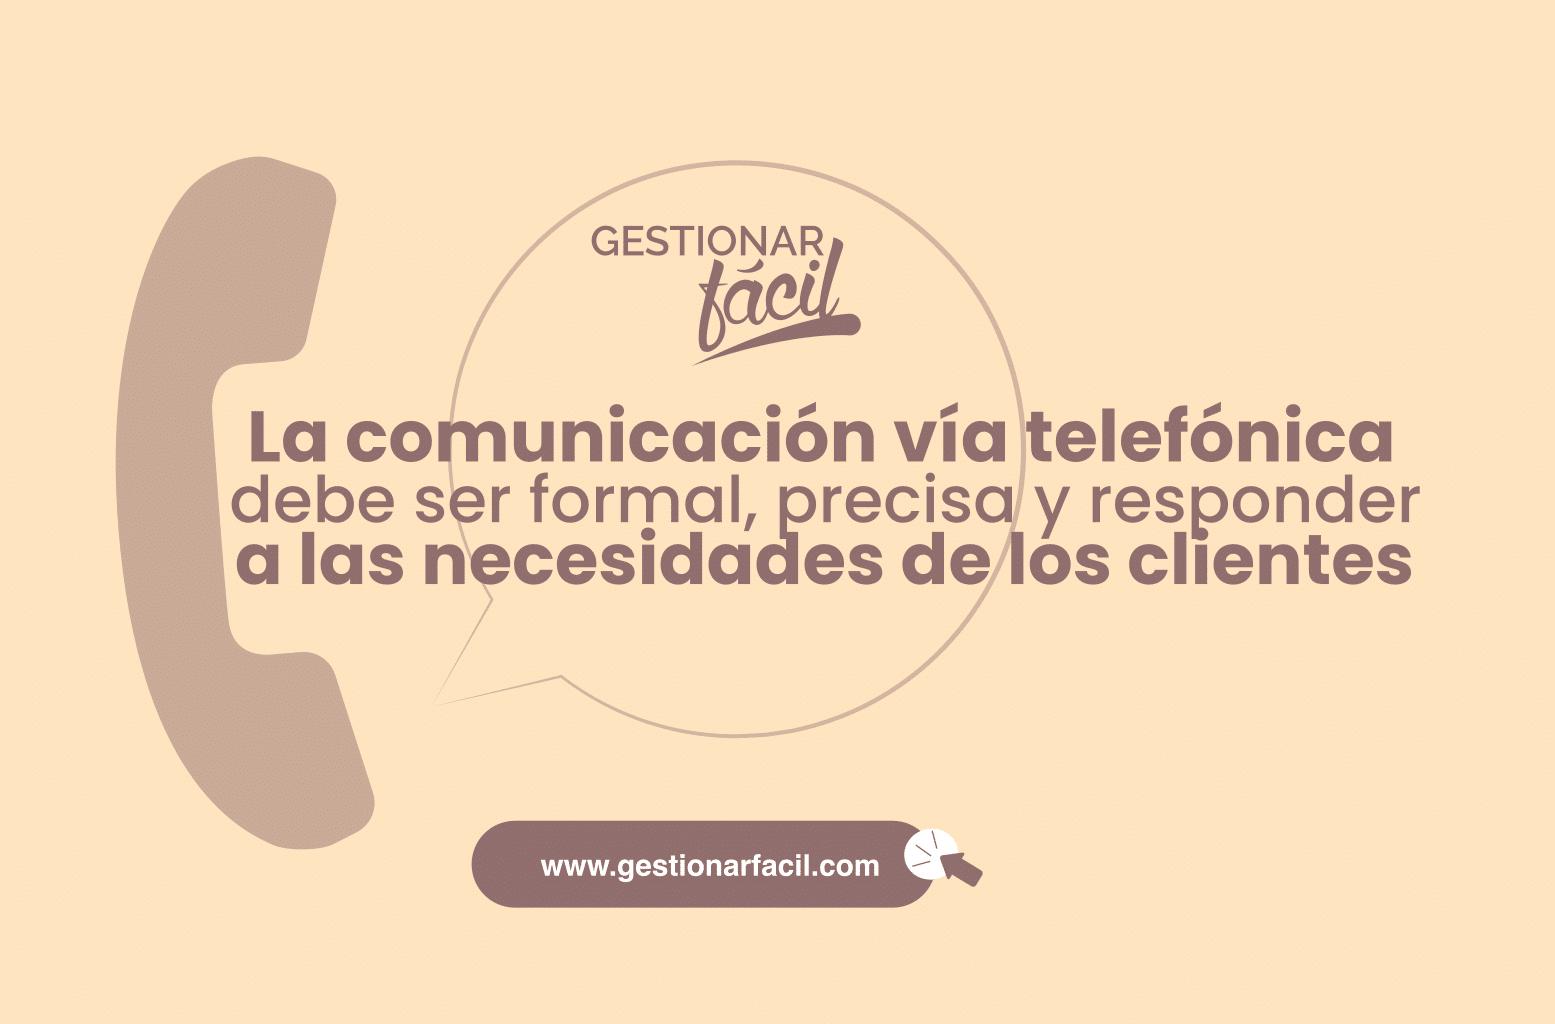 La comunicación vía telefónica debe ser formal, precisa y responder a las necesidades de los clientes.